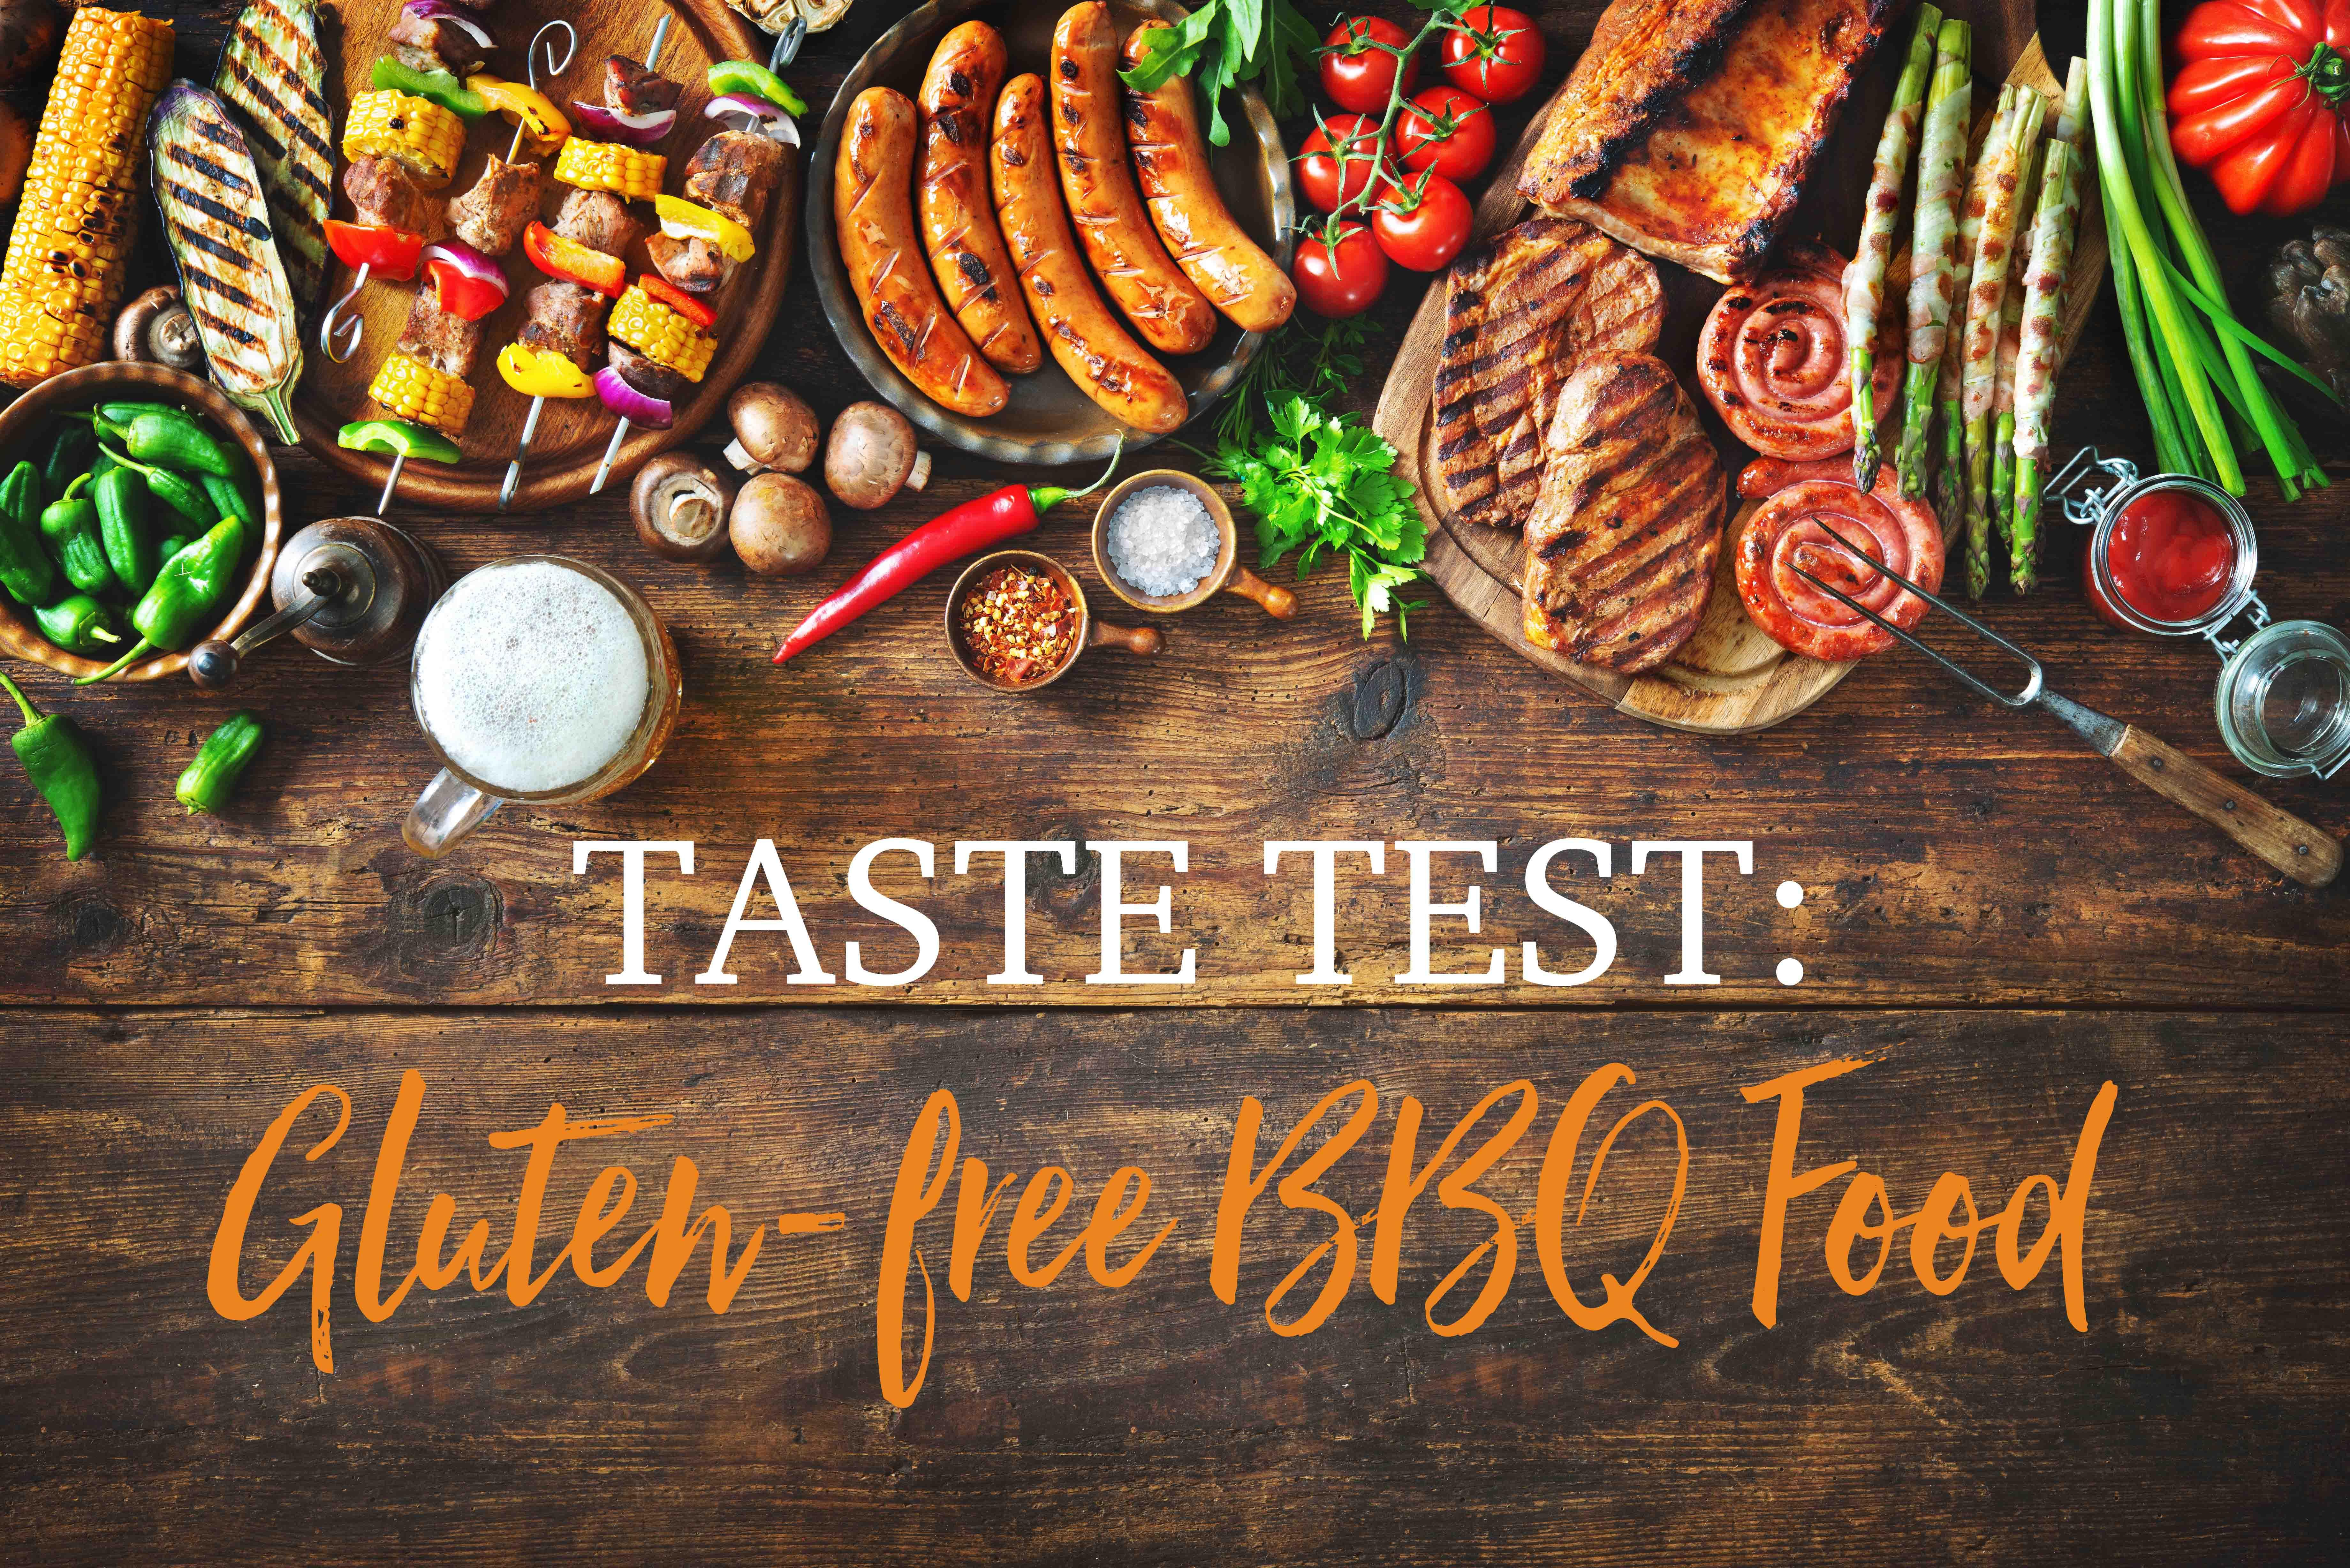 Taste test: Gluten-free BBQ food